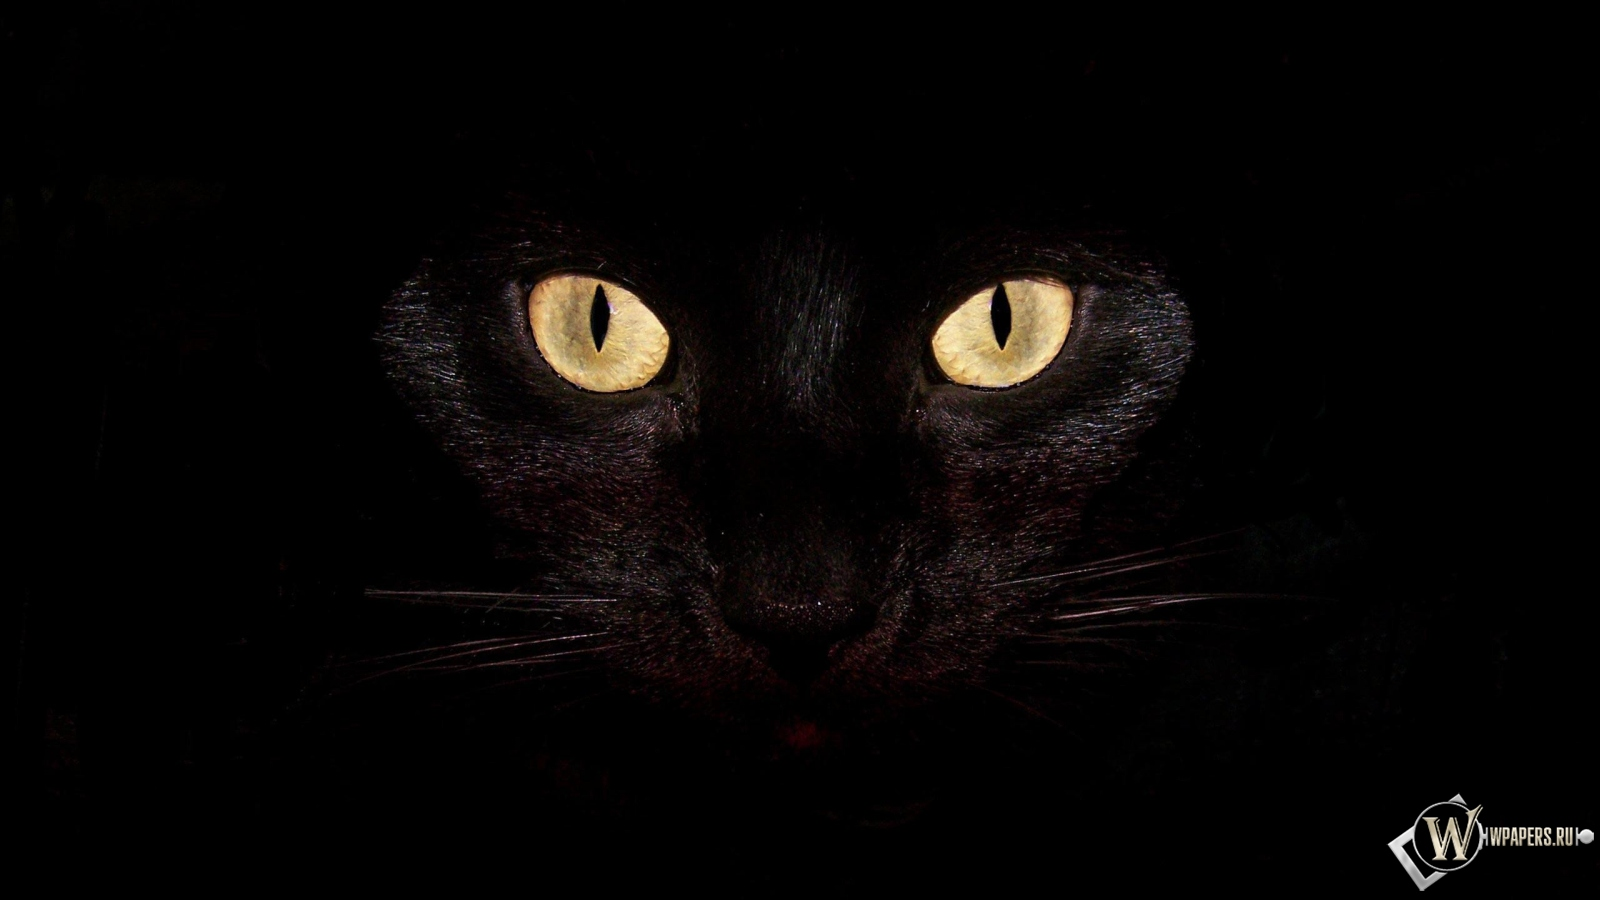 Обои черная кошка на чернофм фоне на